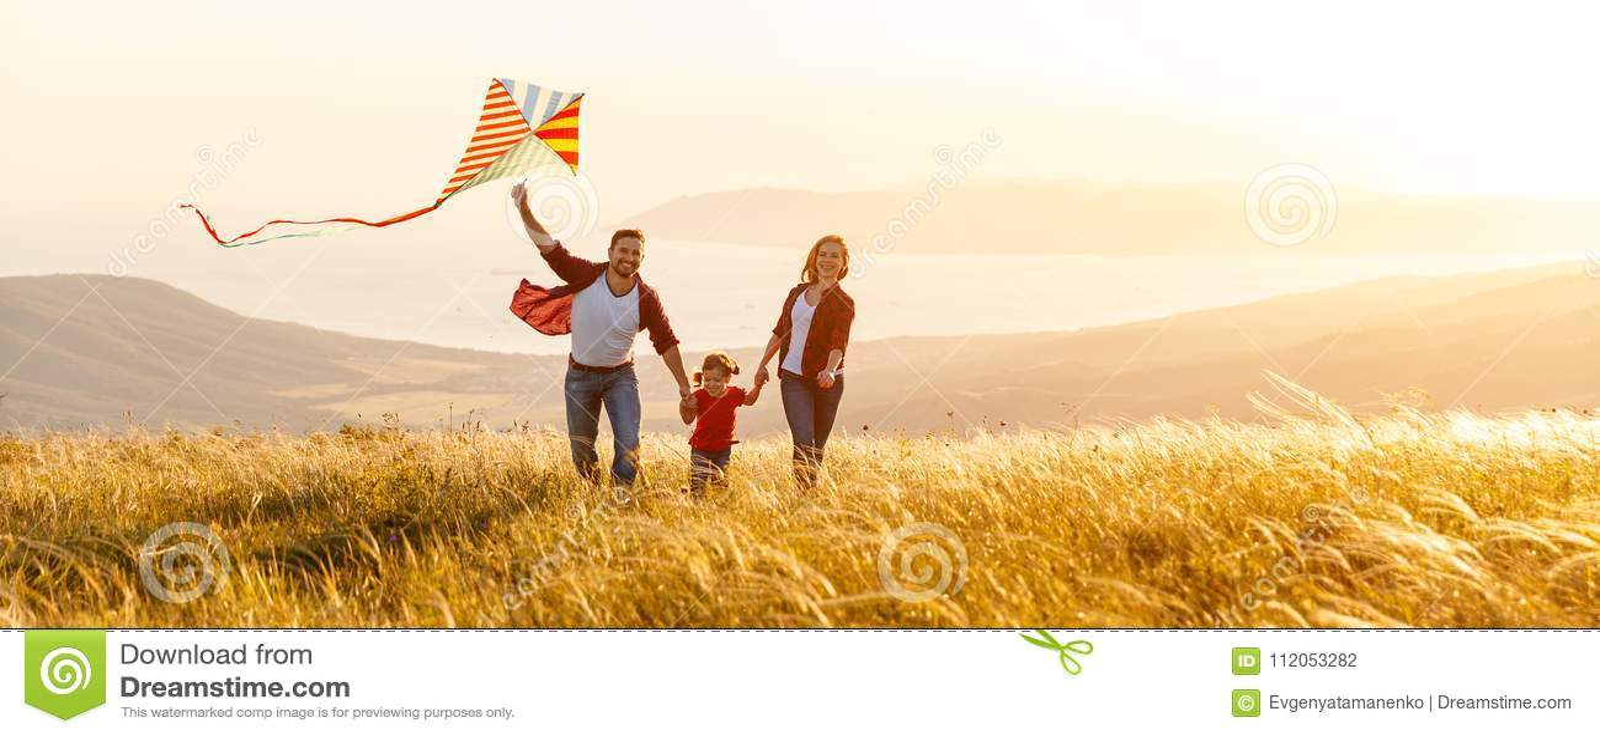 愉快的家庭父亲、母亲和儿童女儿发射风筝